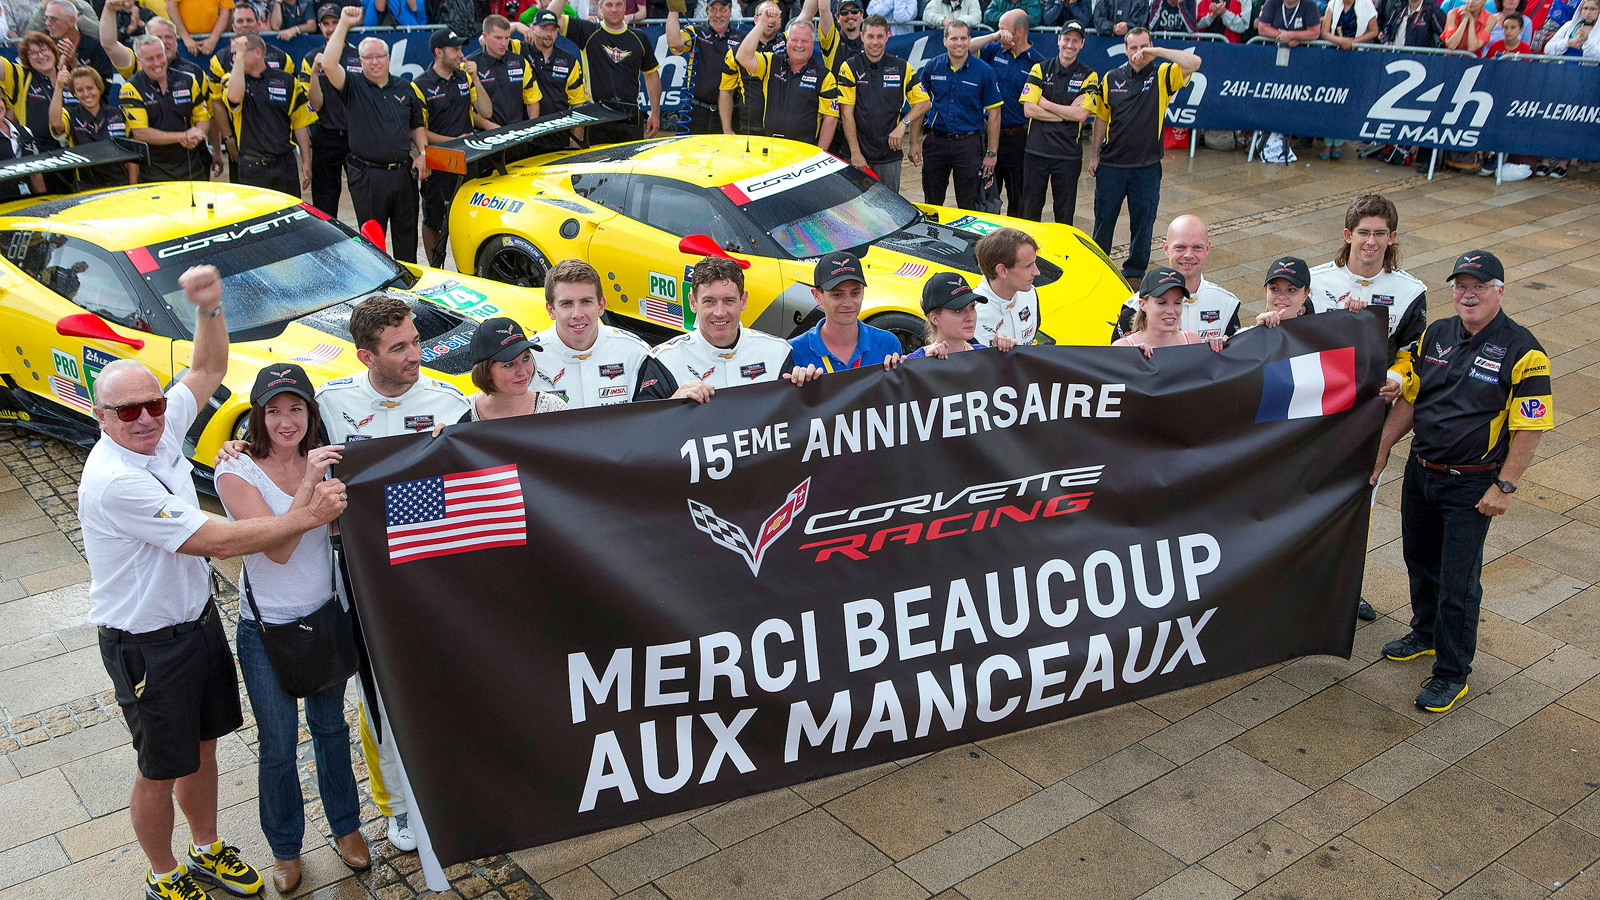 2014 Chevrolet Corvette C7.R at the 24 Hours of Le Mans